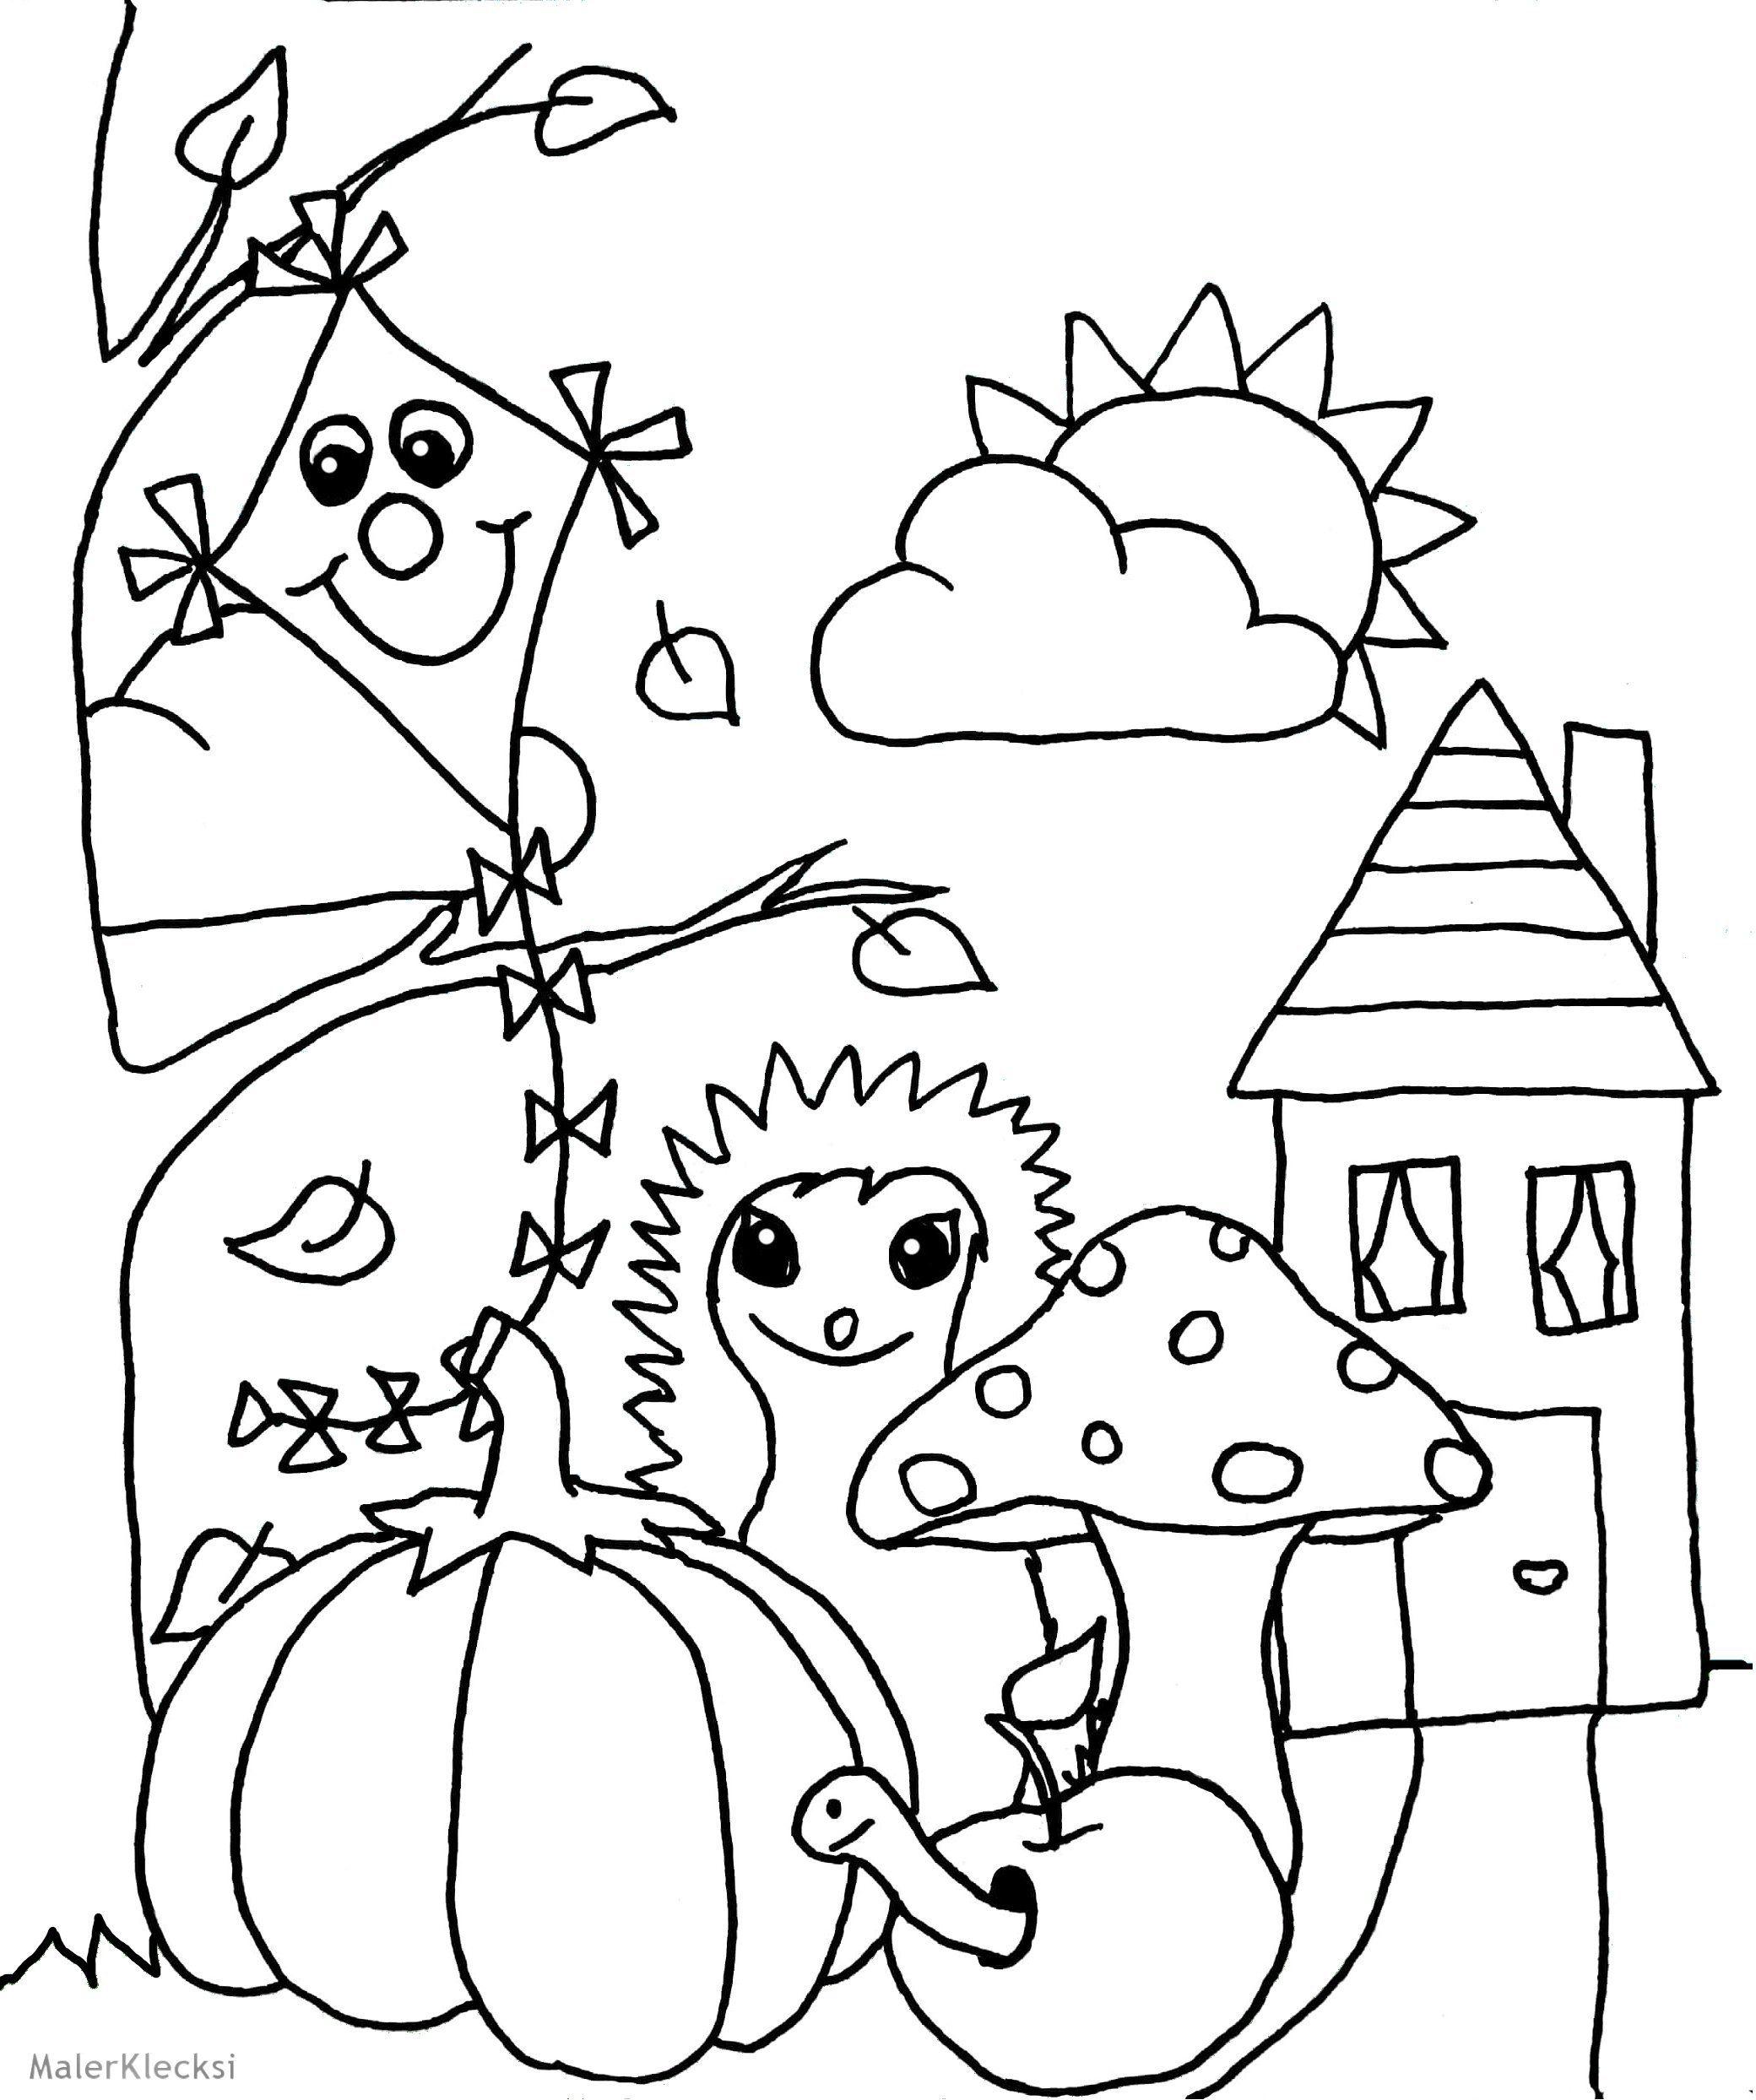 Ausmalbild für Kinder   Herbst   MalerKlecksi ...